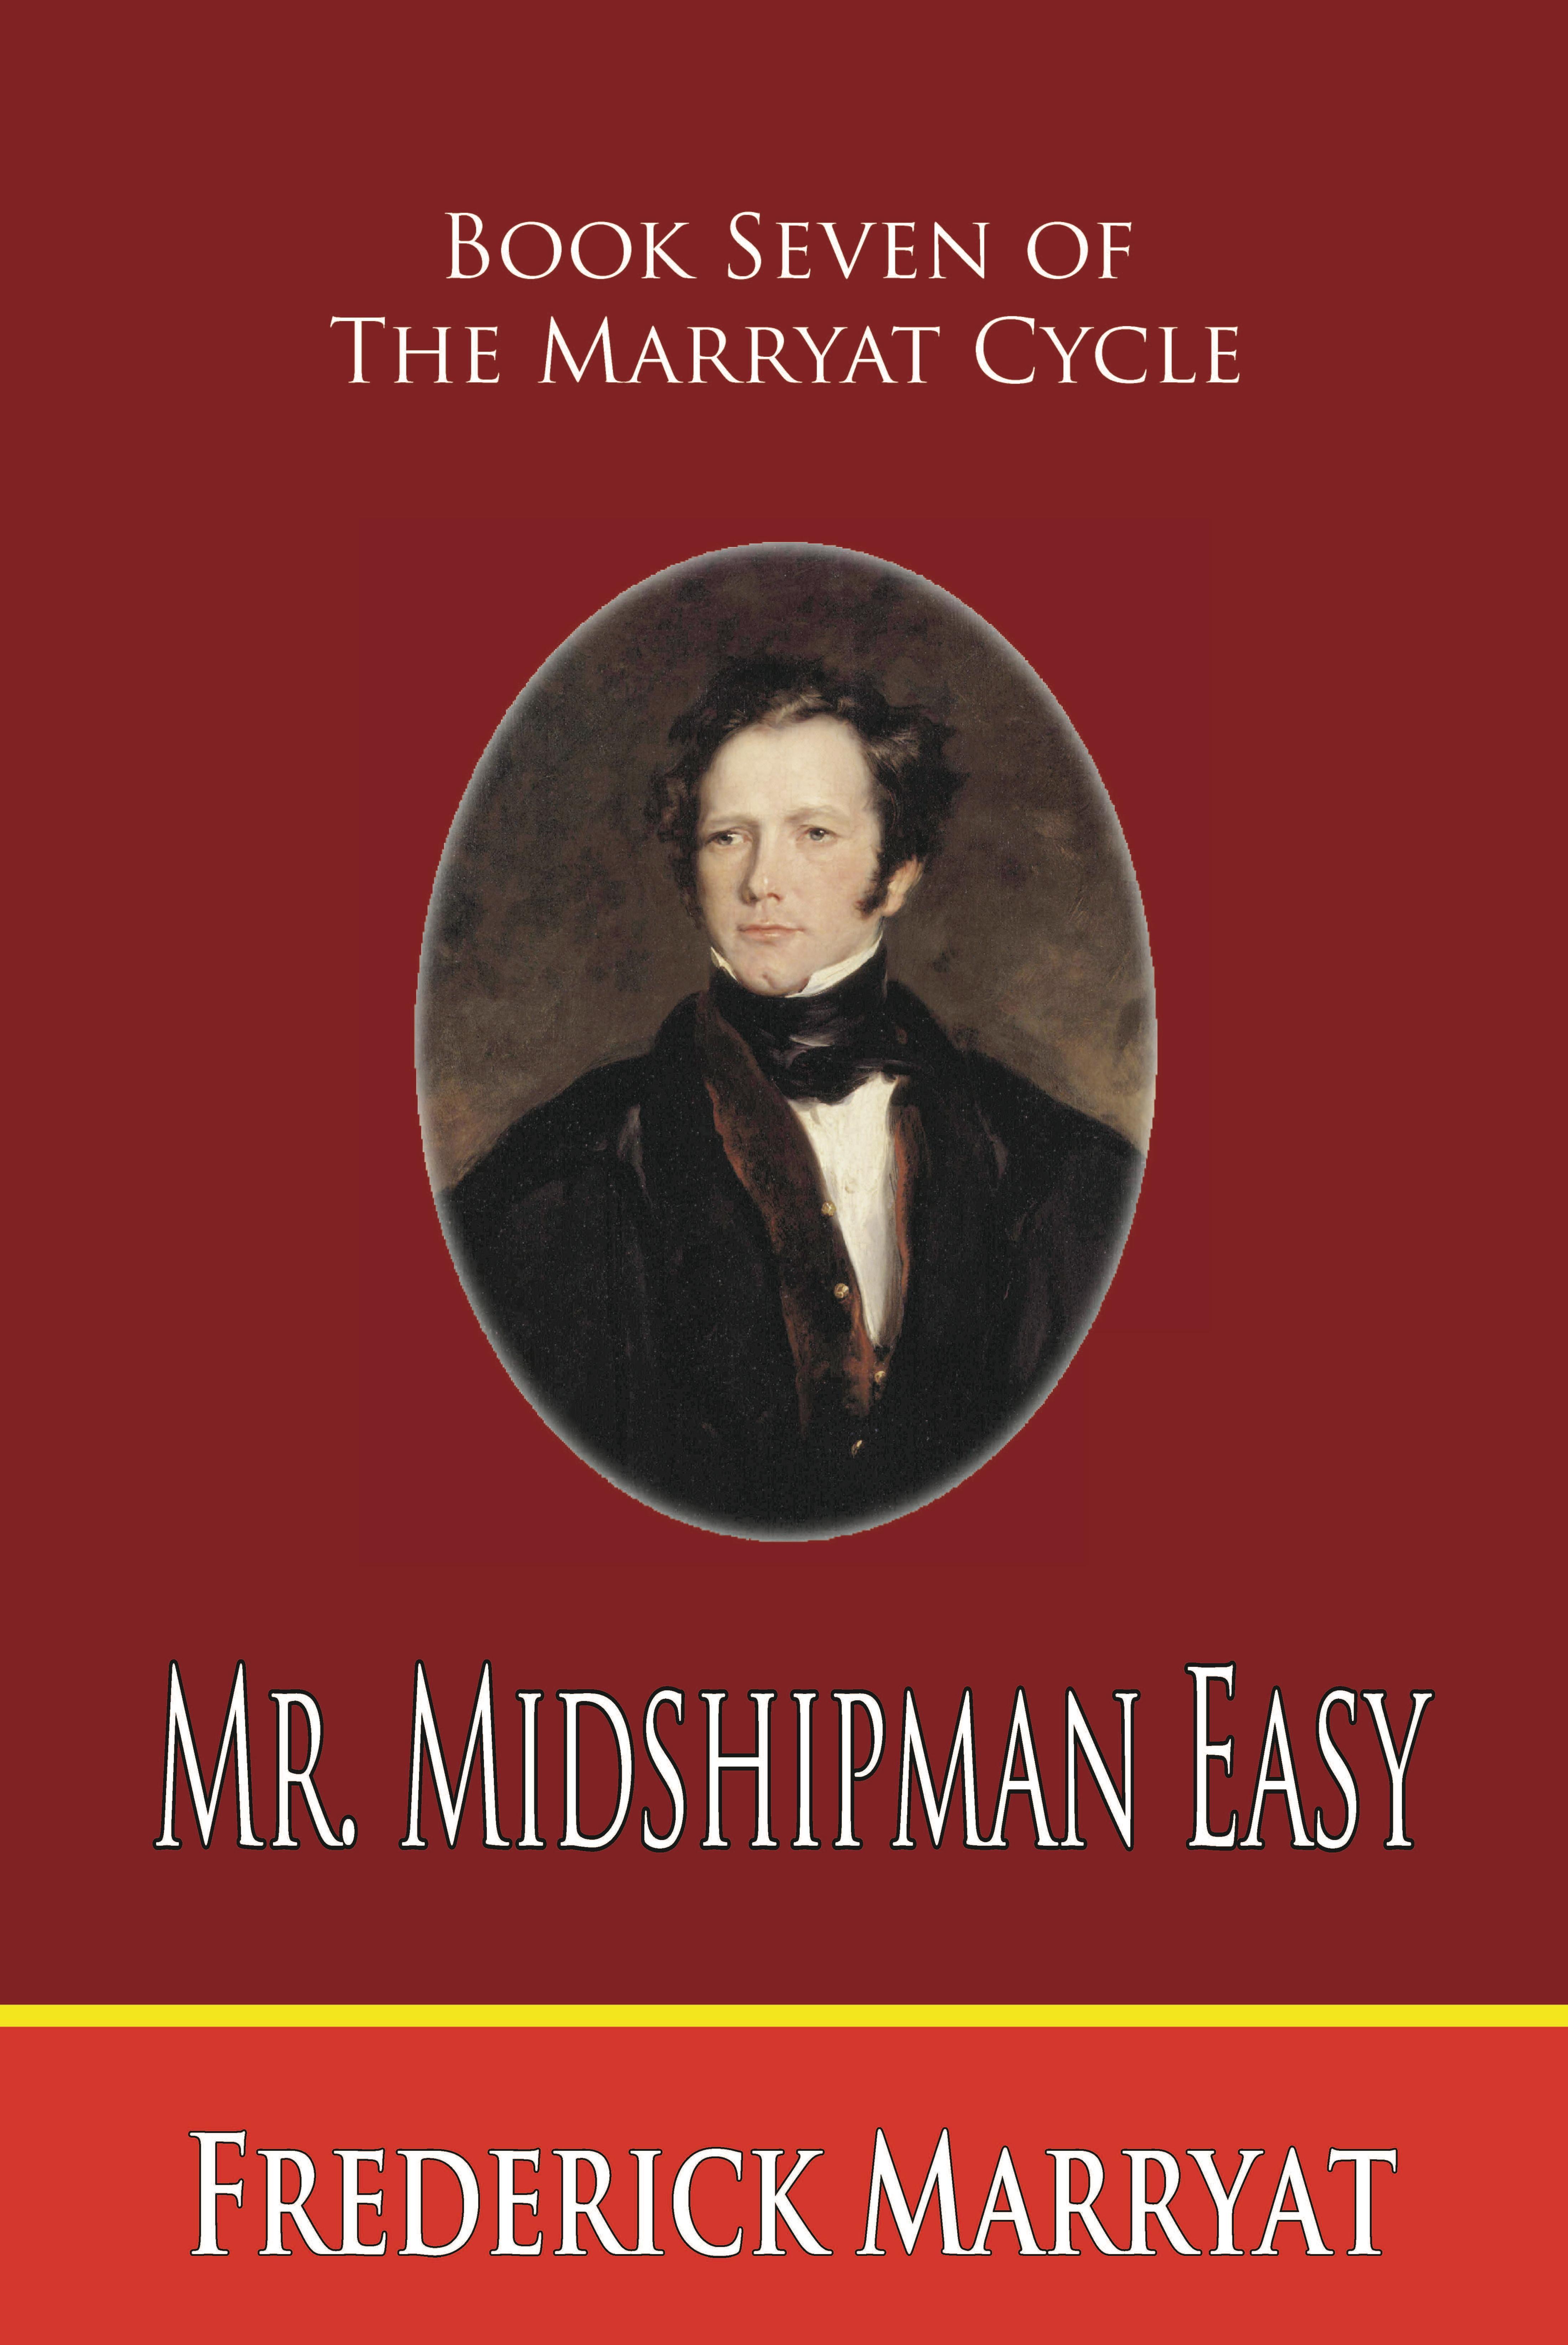 Mr. Midshipman Easy EB9781935585671